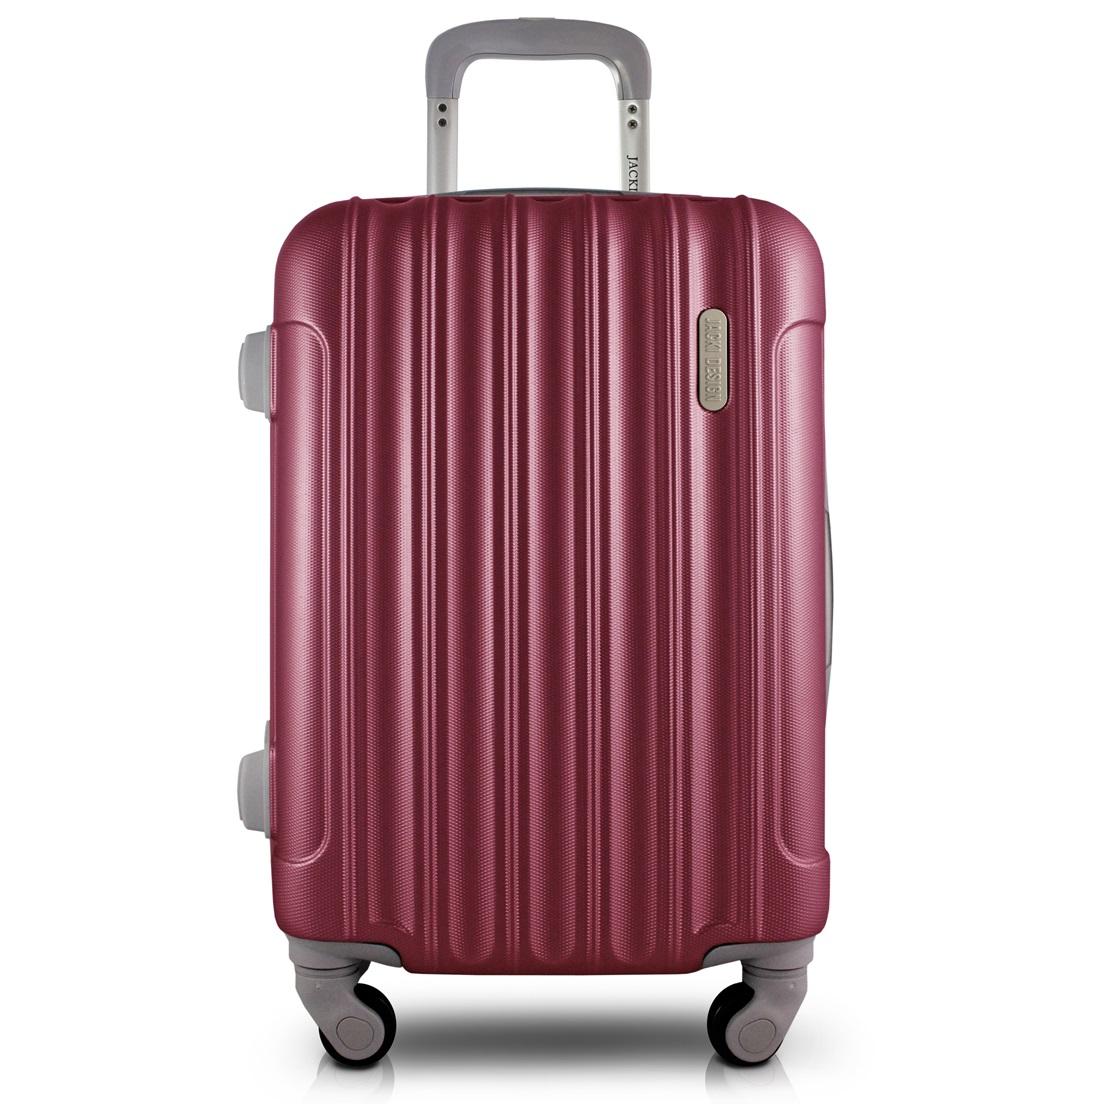 Mala de Bordo para Viagem Trip Vinho Jacki Design